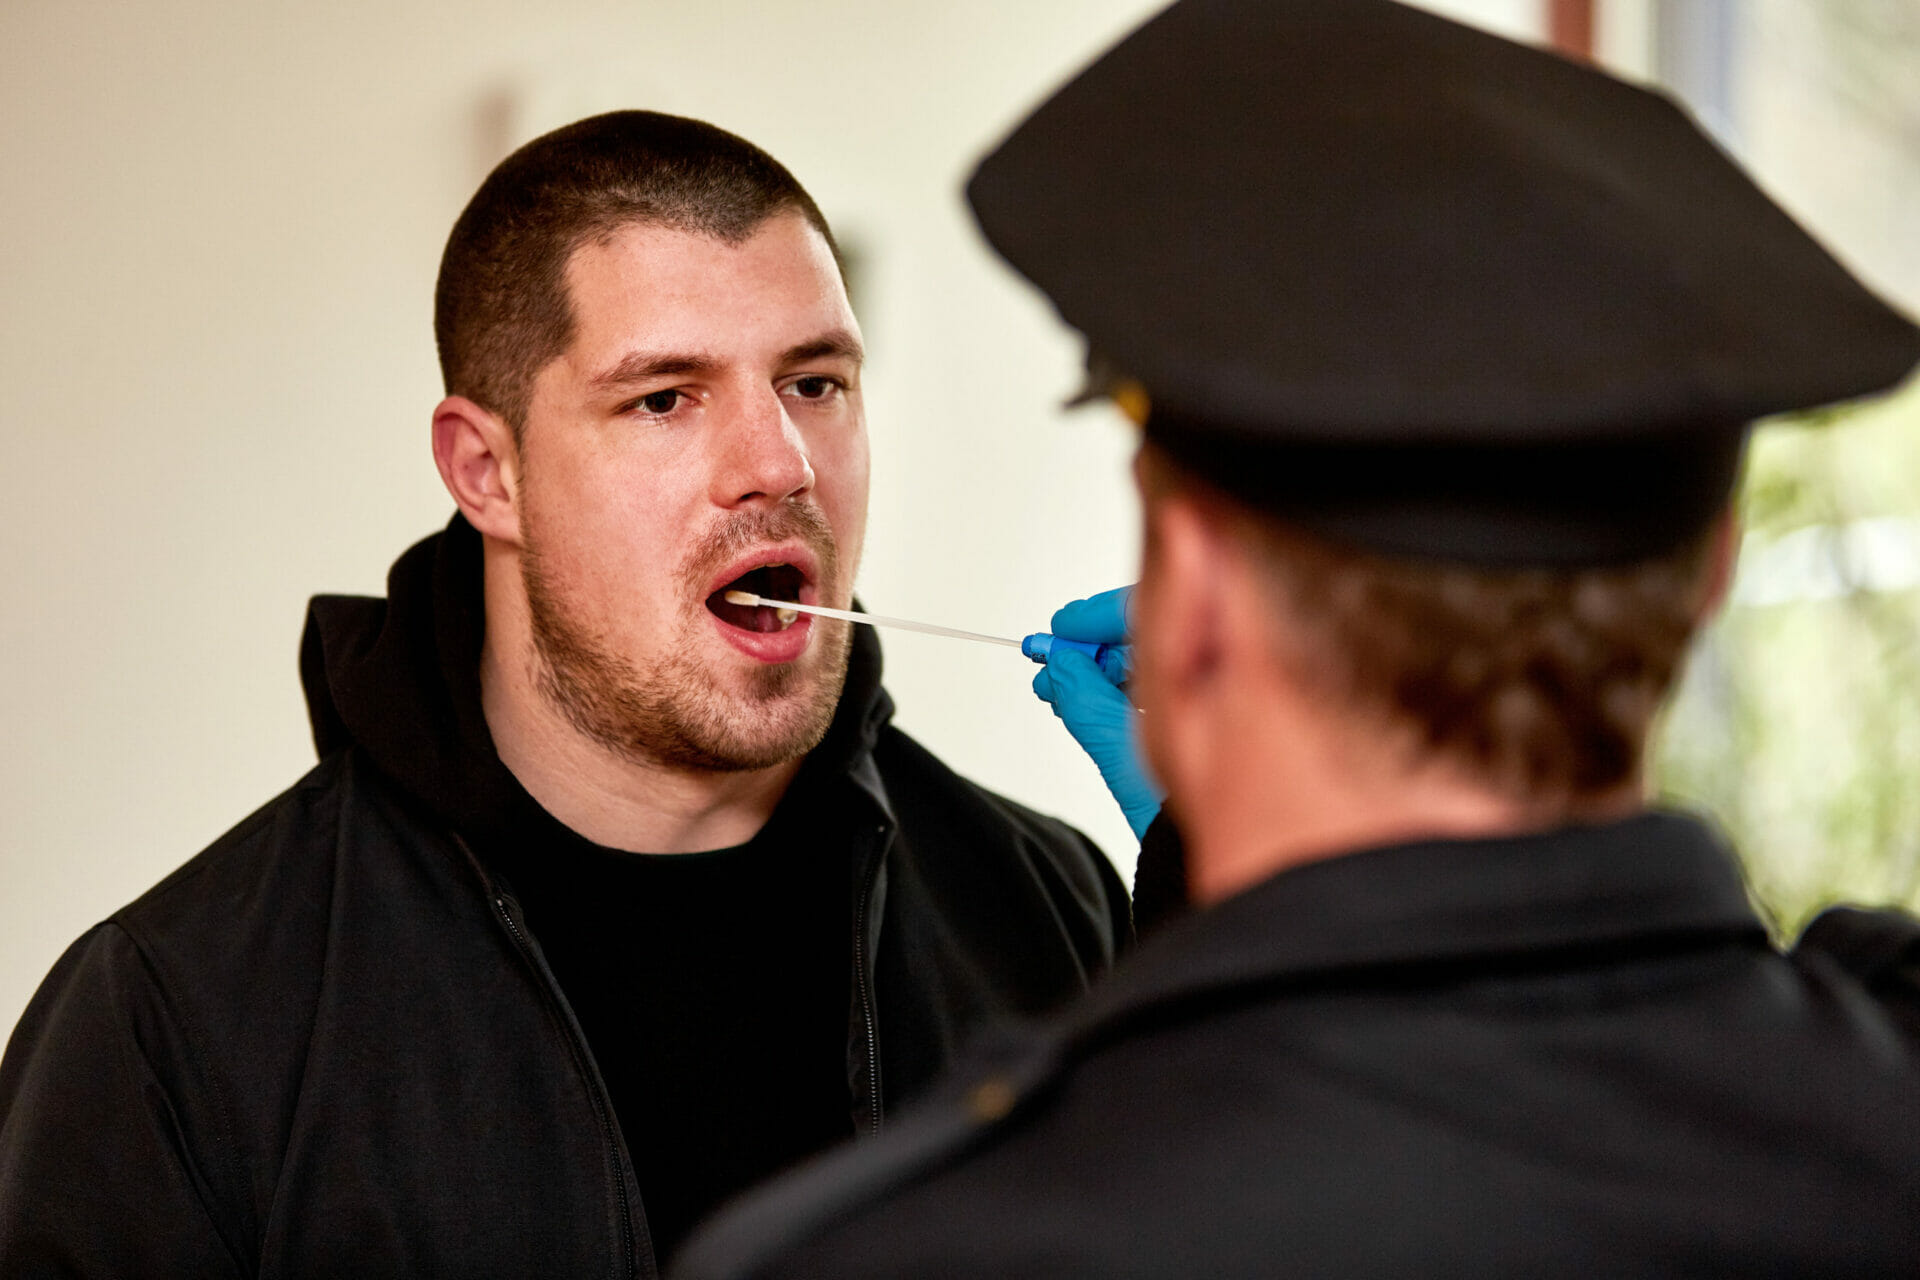 Réalisation d'un test salivaire par un policier pour dépister le cannabis